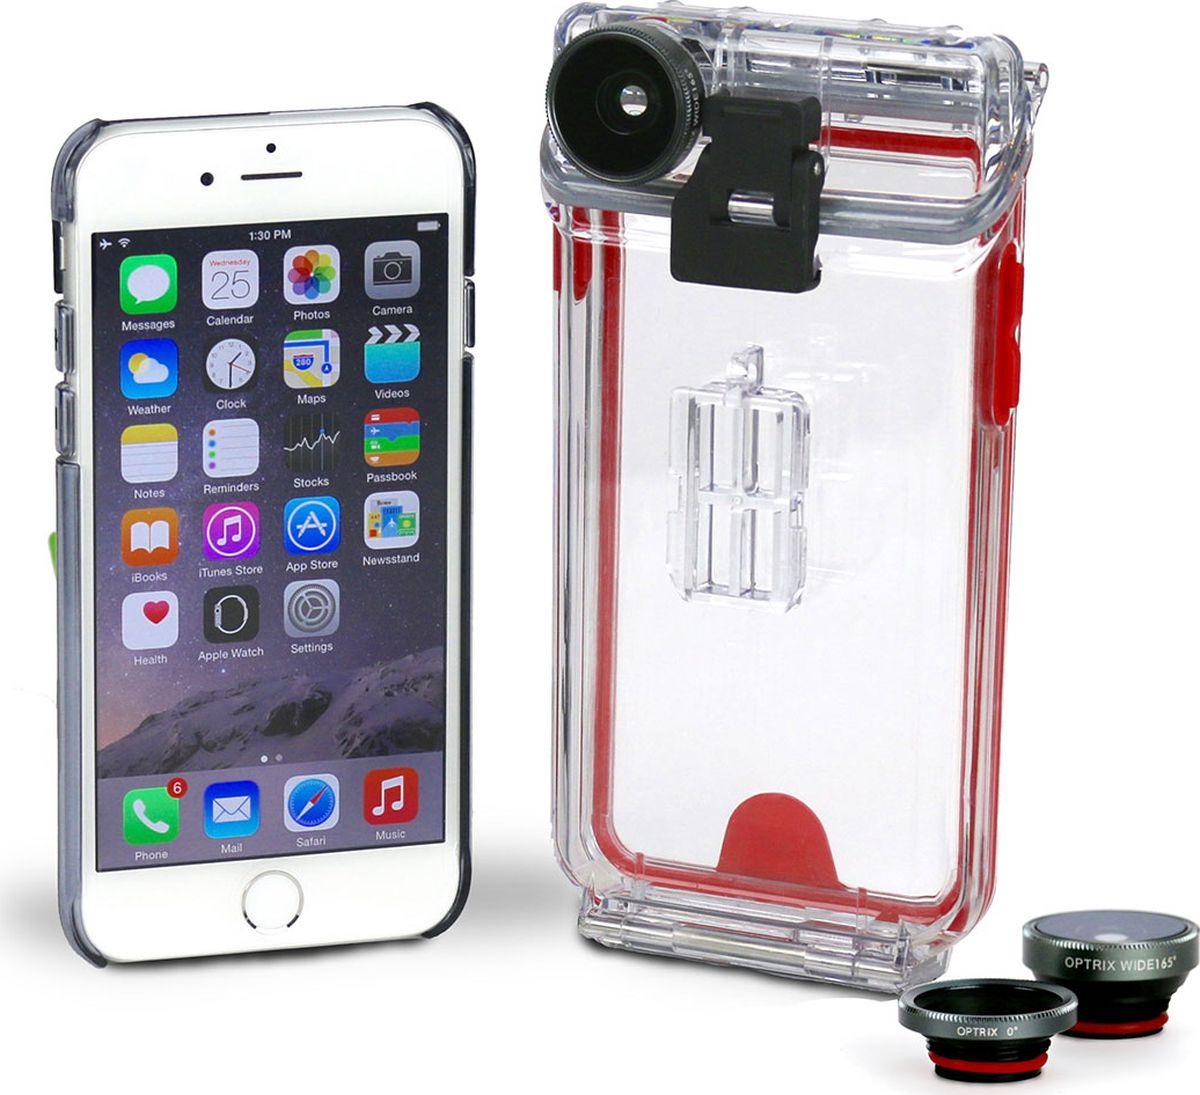 Optrix Photo, Clear Red набор для фотосъемки для iPhone 6/6sFS-94767Набор для создания уникальных фотографий и видео при помощи Вашего iPhone®. Ультралегкий защитный корпус обеспечит сохранность устройства в любых экстремальных условиях, тогда как сменные линзы значительно расширят возможности его камеры. Чехол Optrix для iPhone отличается точно сконструированной и надежной конструкцией, превращающей ваш iPhone в полноценную экшн-камеру: съемка во время сплава по реке, велопрогулки, катания на лыжах, пляжного отдыха - все это возможно теперь при помощи Вашего iPhone! 100% водонепроницаемость при погружении на глубину до 10 м (соответствует стандарту IP68) • Ударопрочность: выдерживает падение с высоты до 6,1 м (соответствует стандарту MIL-STD-810G) • Сверхпрочный корпус, сохраняющий весь функционал смартфона • Специальная защитная мембрана сохраняет все свойства сенсорного экрана устройства • Подходит к широкому ассортименту креплений • 2 сменных объектива (алюминий/стекло)